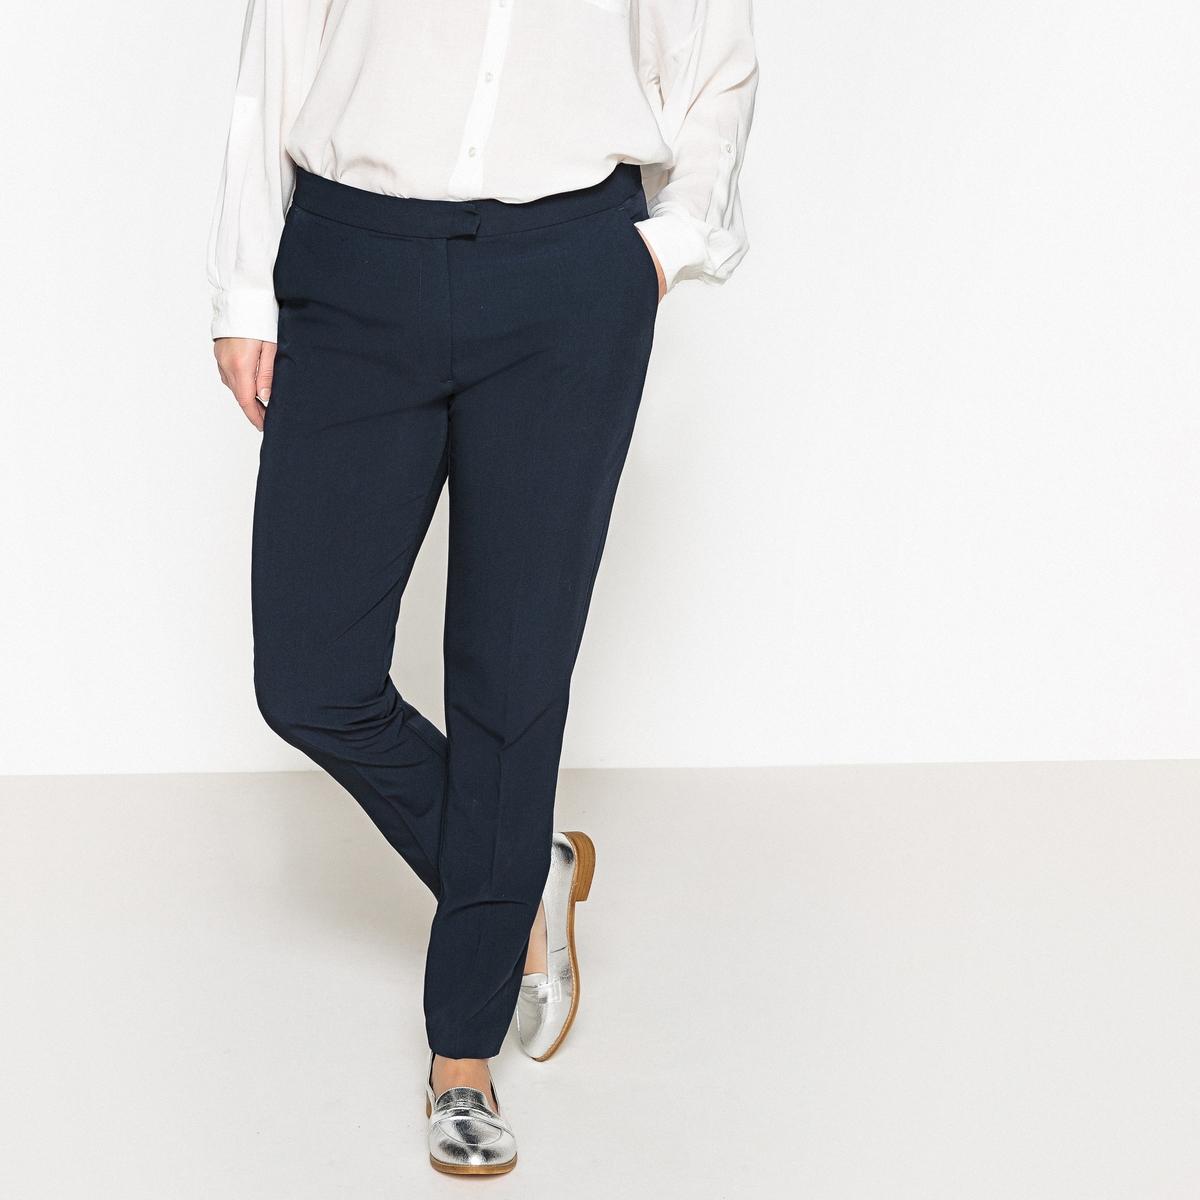 Брюки узкие, дудочкиОписание:Замечательные узкие брюки-дудочки. Неподвластные времени узкие брюки-дудочки - базовый предмет женского гардероба. Детали •  Узкие, дудочки •  Стандартная высота поясаСостав и уход •  74% полиэстера, 20% вискозы, 6% эластана •  Температура стирки 30° на деликатном режиме •  Сухая чистка и отбеливание запрещены •  Не использовать барабанную сушку •  Низкая температура глажкиТовар из коллекции больших размеров •  Длина по внутр.шву 78 см, ширина по низу 19 см<br><br>Цвет: темно-синий<br>Размер: 42 (FR) - 48 (RUS).58 (FR) - 64 (RUS).56 (FR) - 62 (RUS)